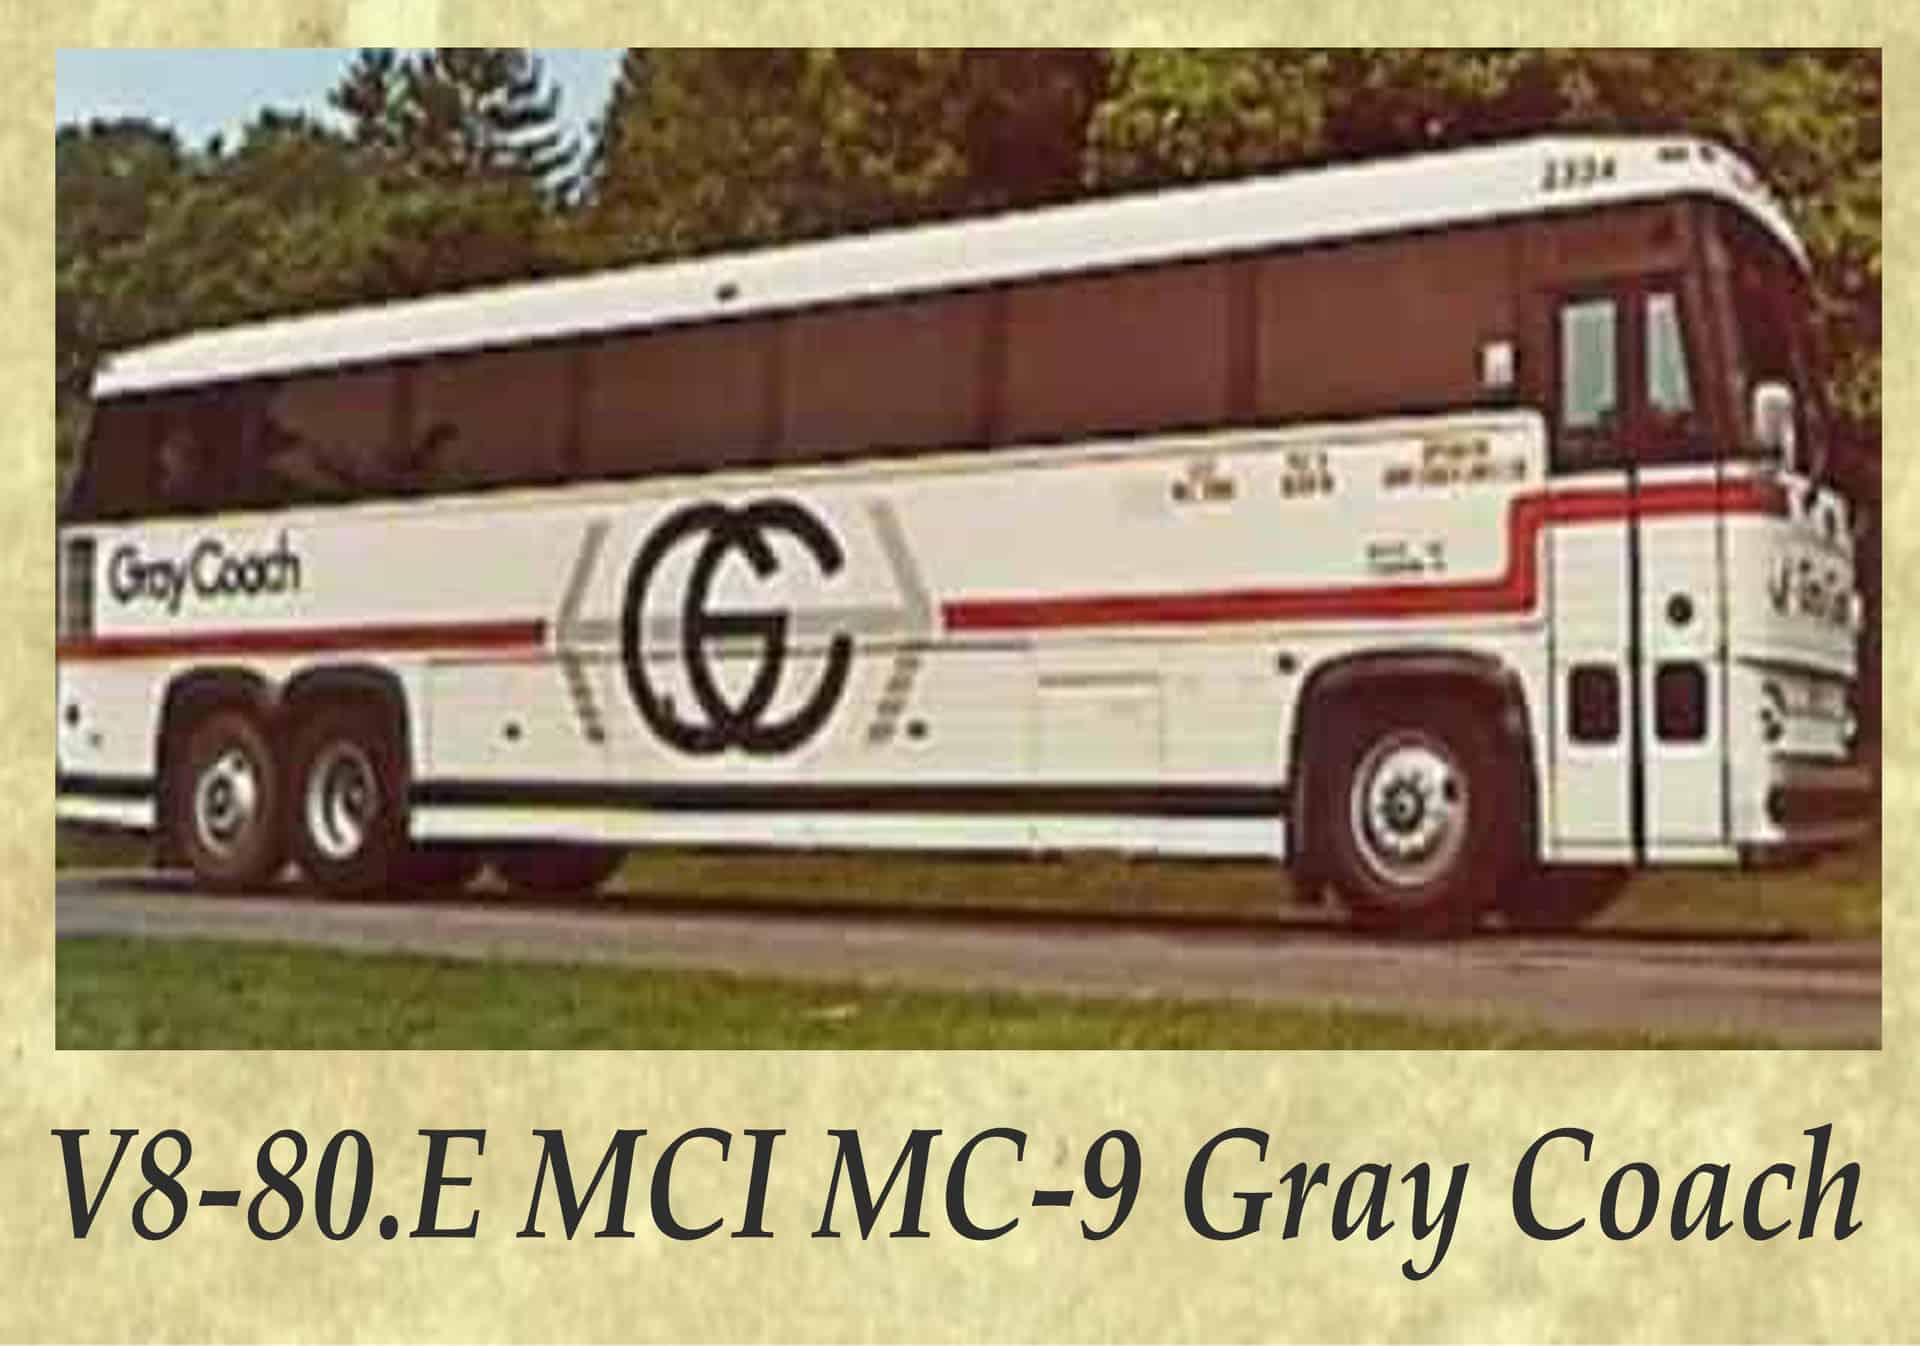 V8-80.E MCI MC-9 Gray Coach